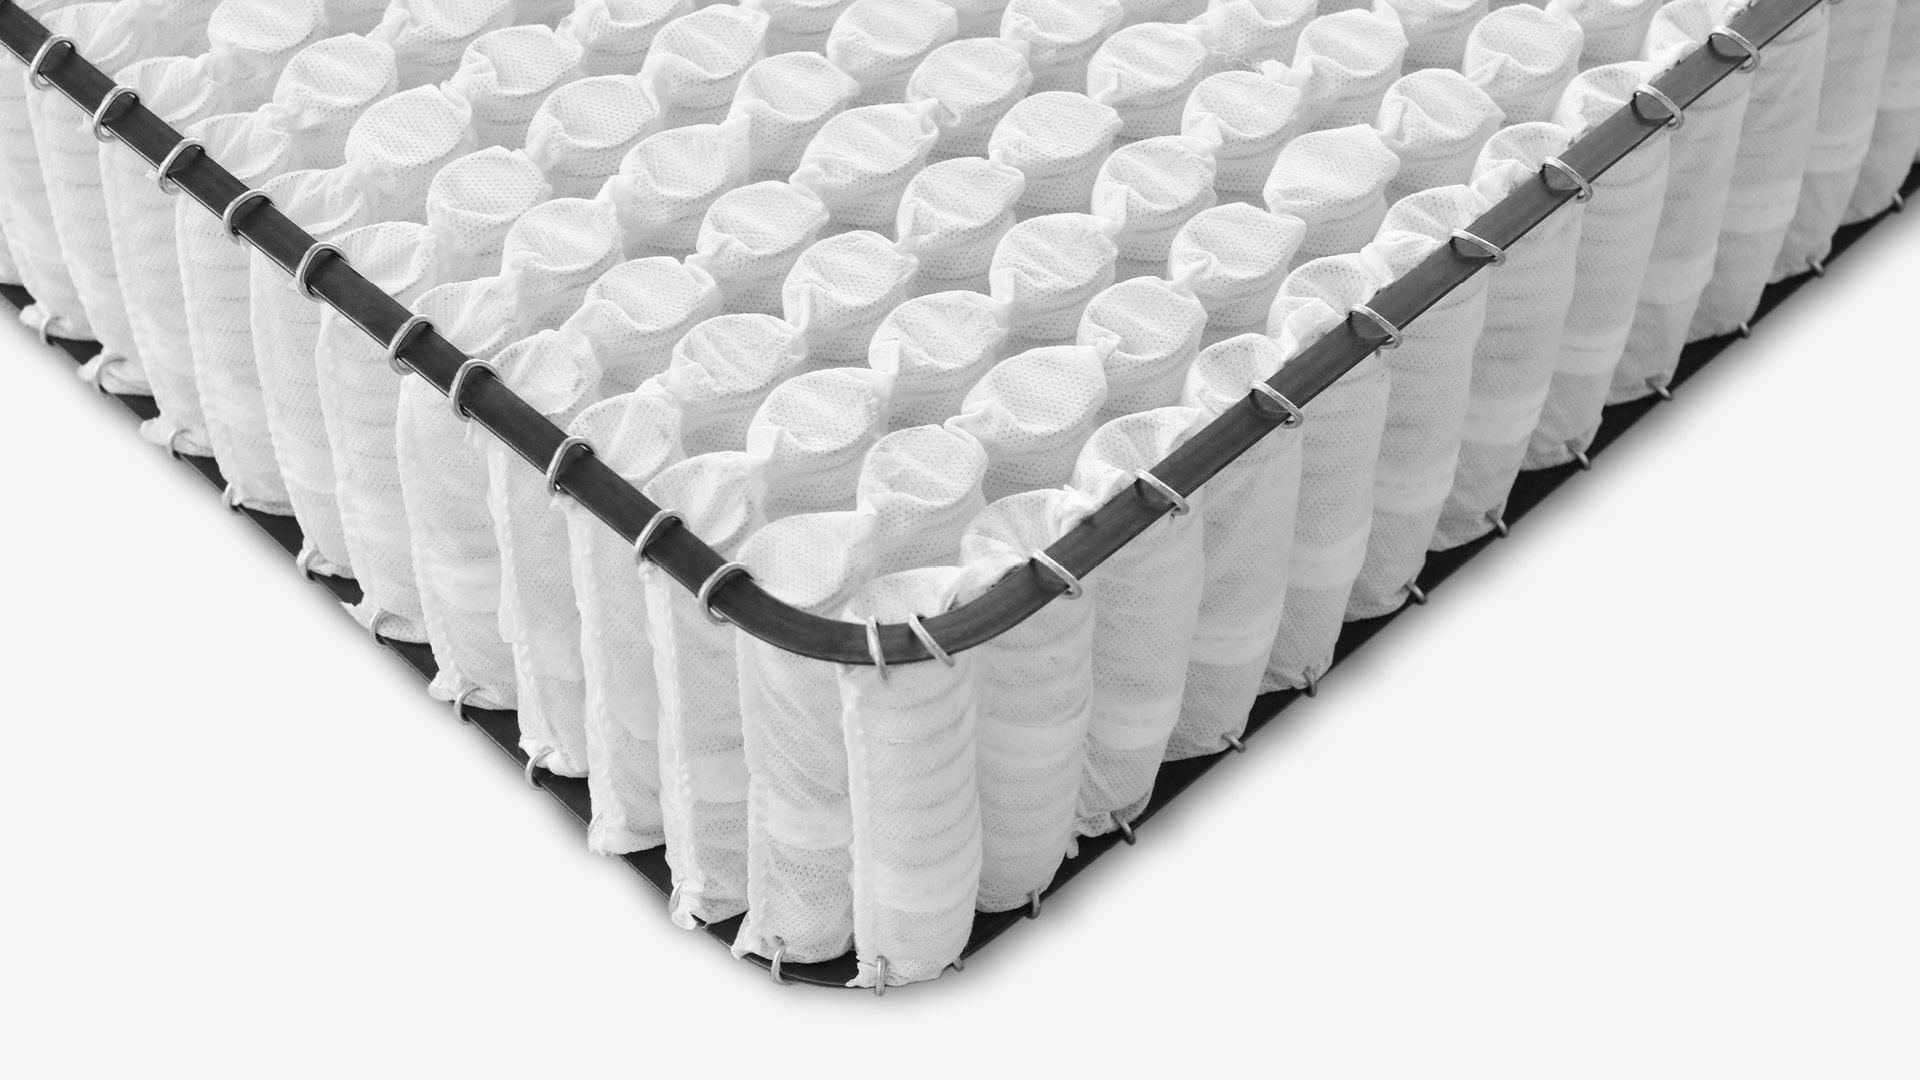 近3000支弹簧承托,四倍于高端床垫的用量<br/>人体工学设计,静音回弹慢而软